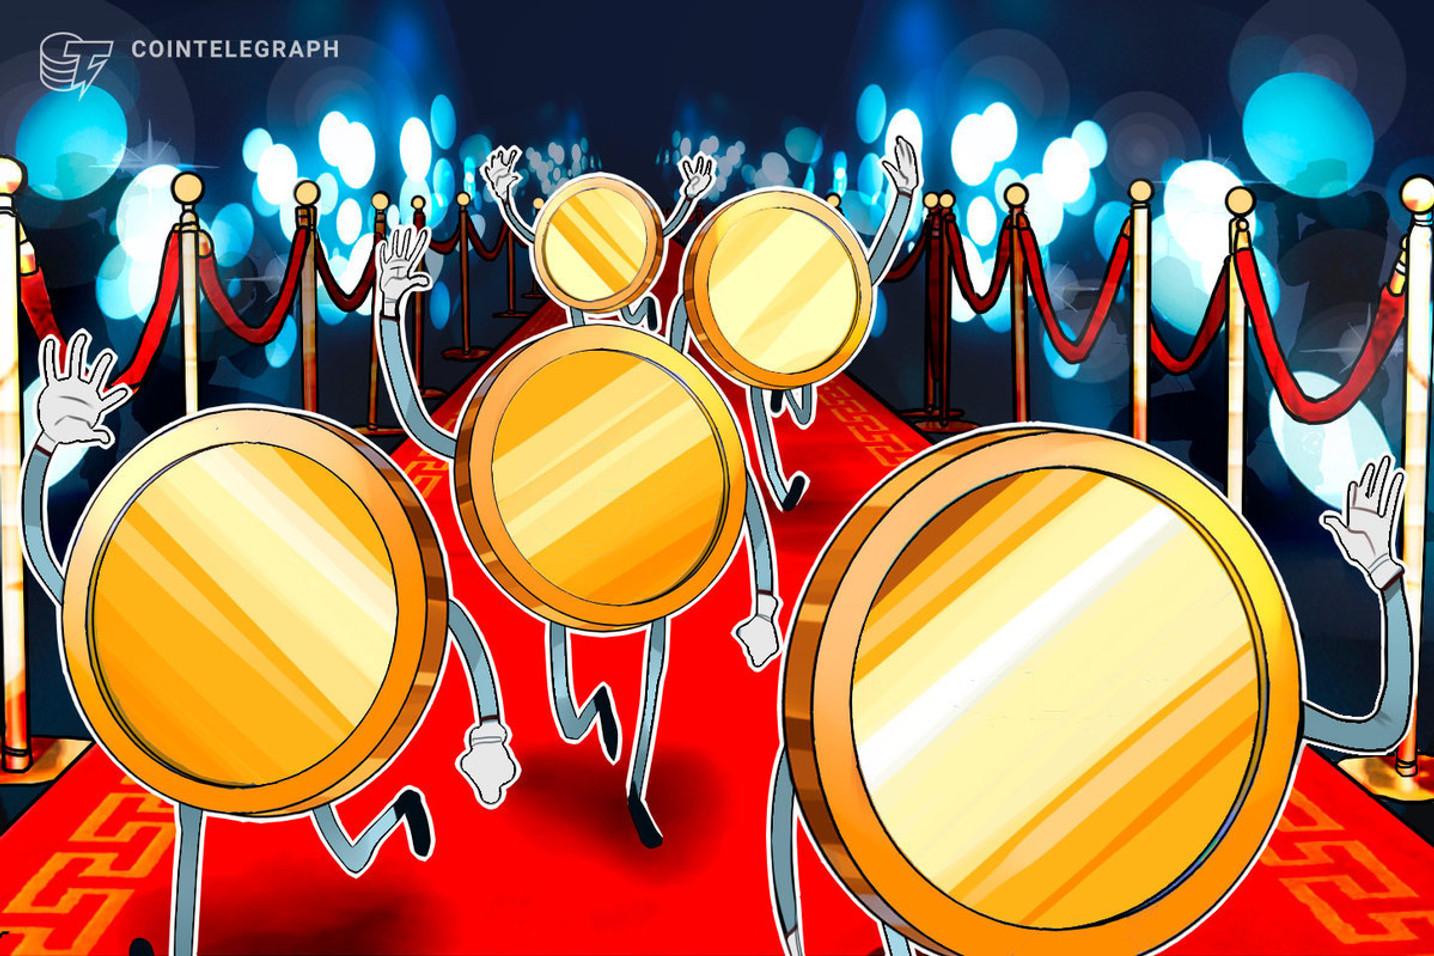 La plataforma de préstamos DeFi, Aave, revela un pool sólo para instituciones